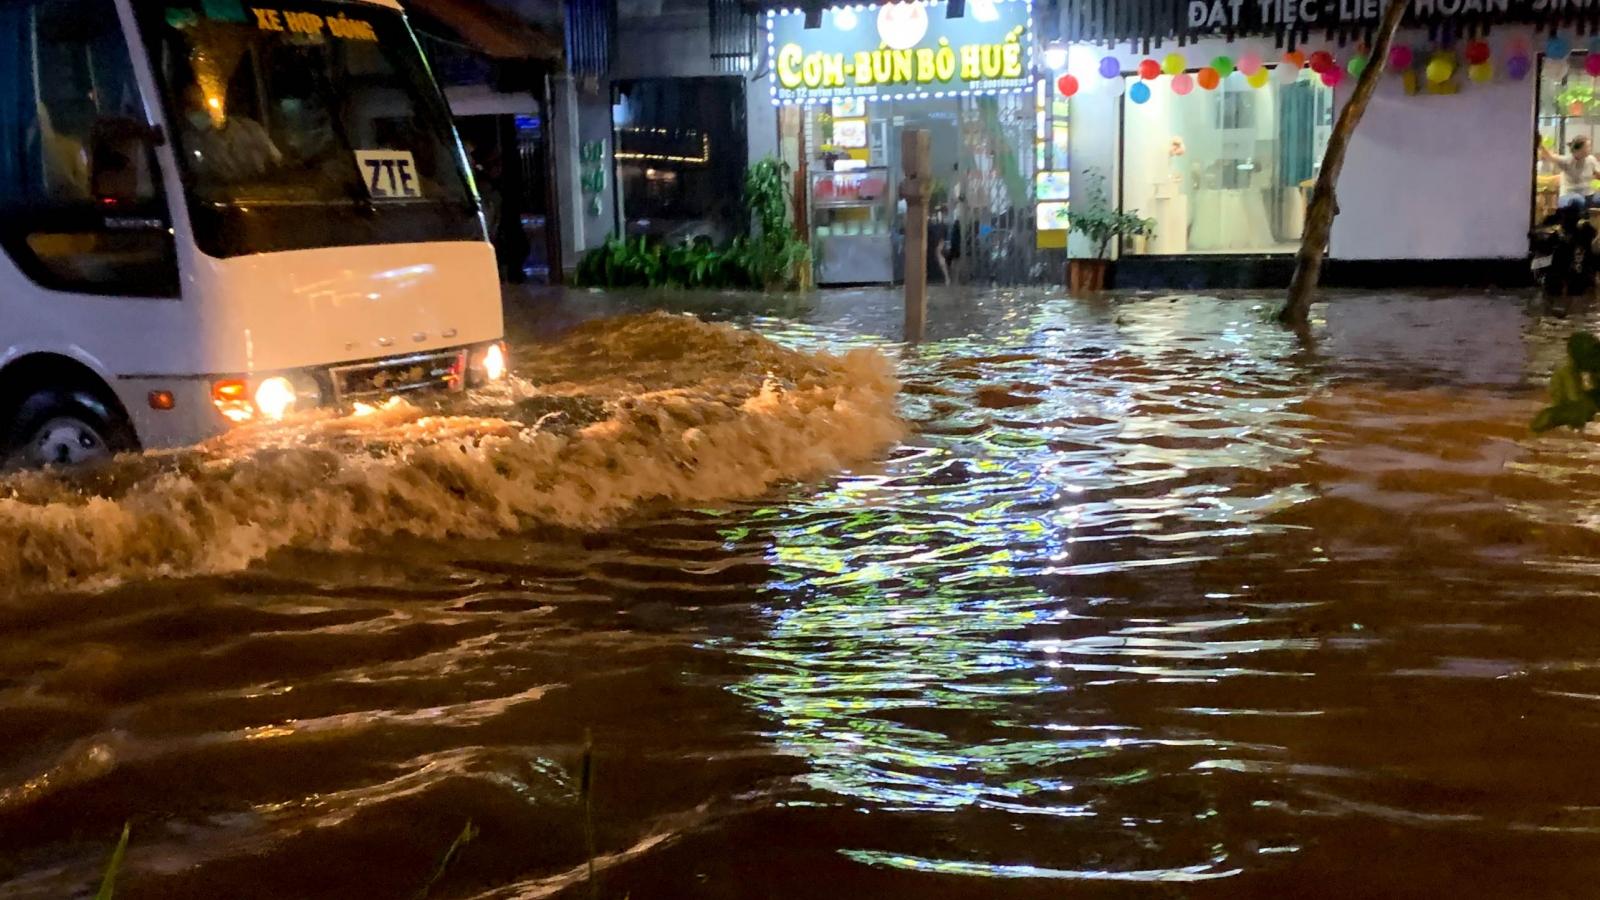 Mưa lớn vào giờ tan tầm khiến đường phố Hà Nội ngập sâu, giao thông ách tắc